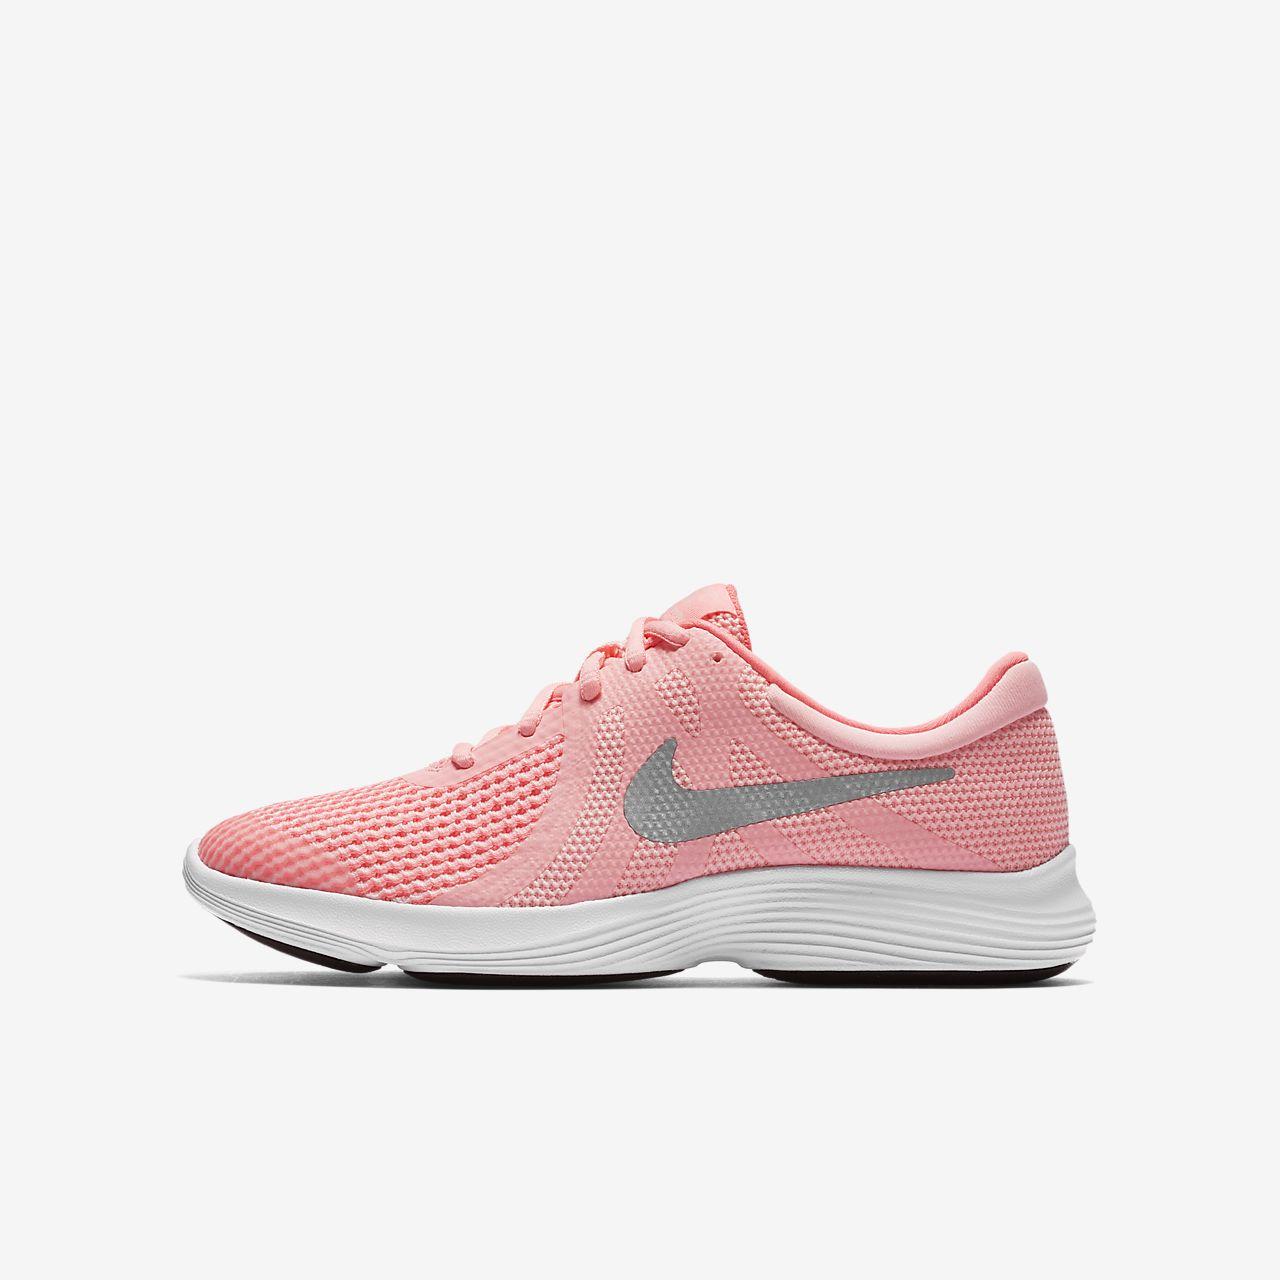 ... Chaussure de running Nike Revolution 4 pour Enfant plus âgé